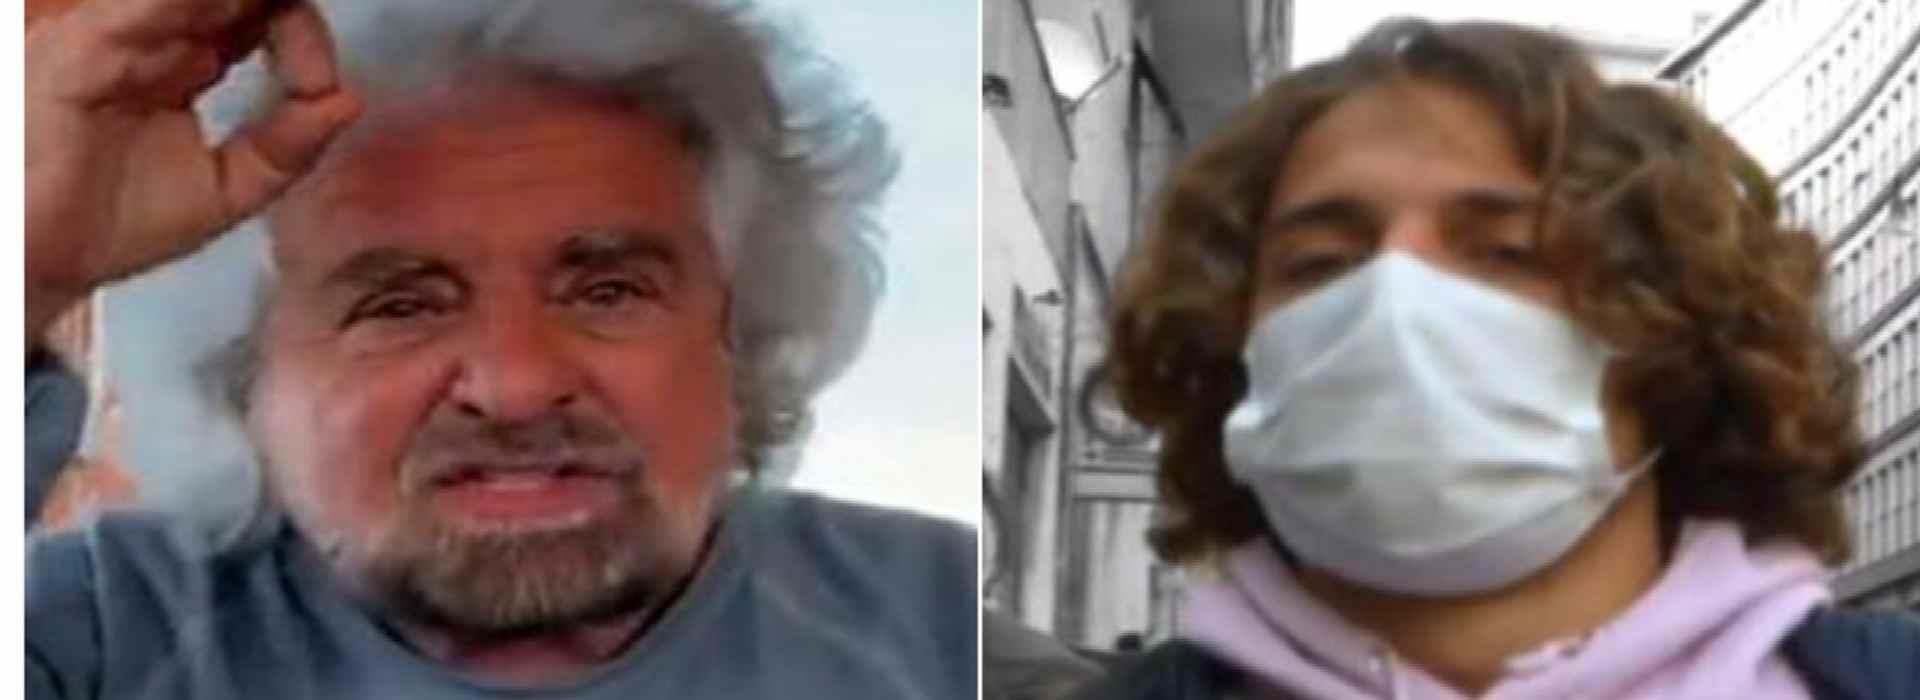 Ciro Grillo, il quadro si fa grave per gli indagati